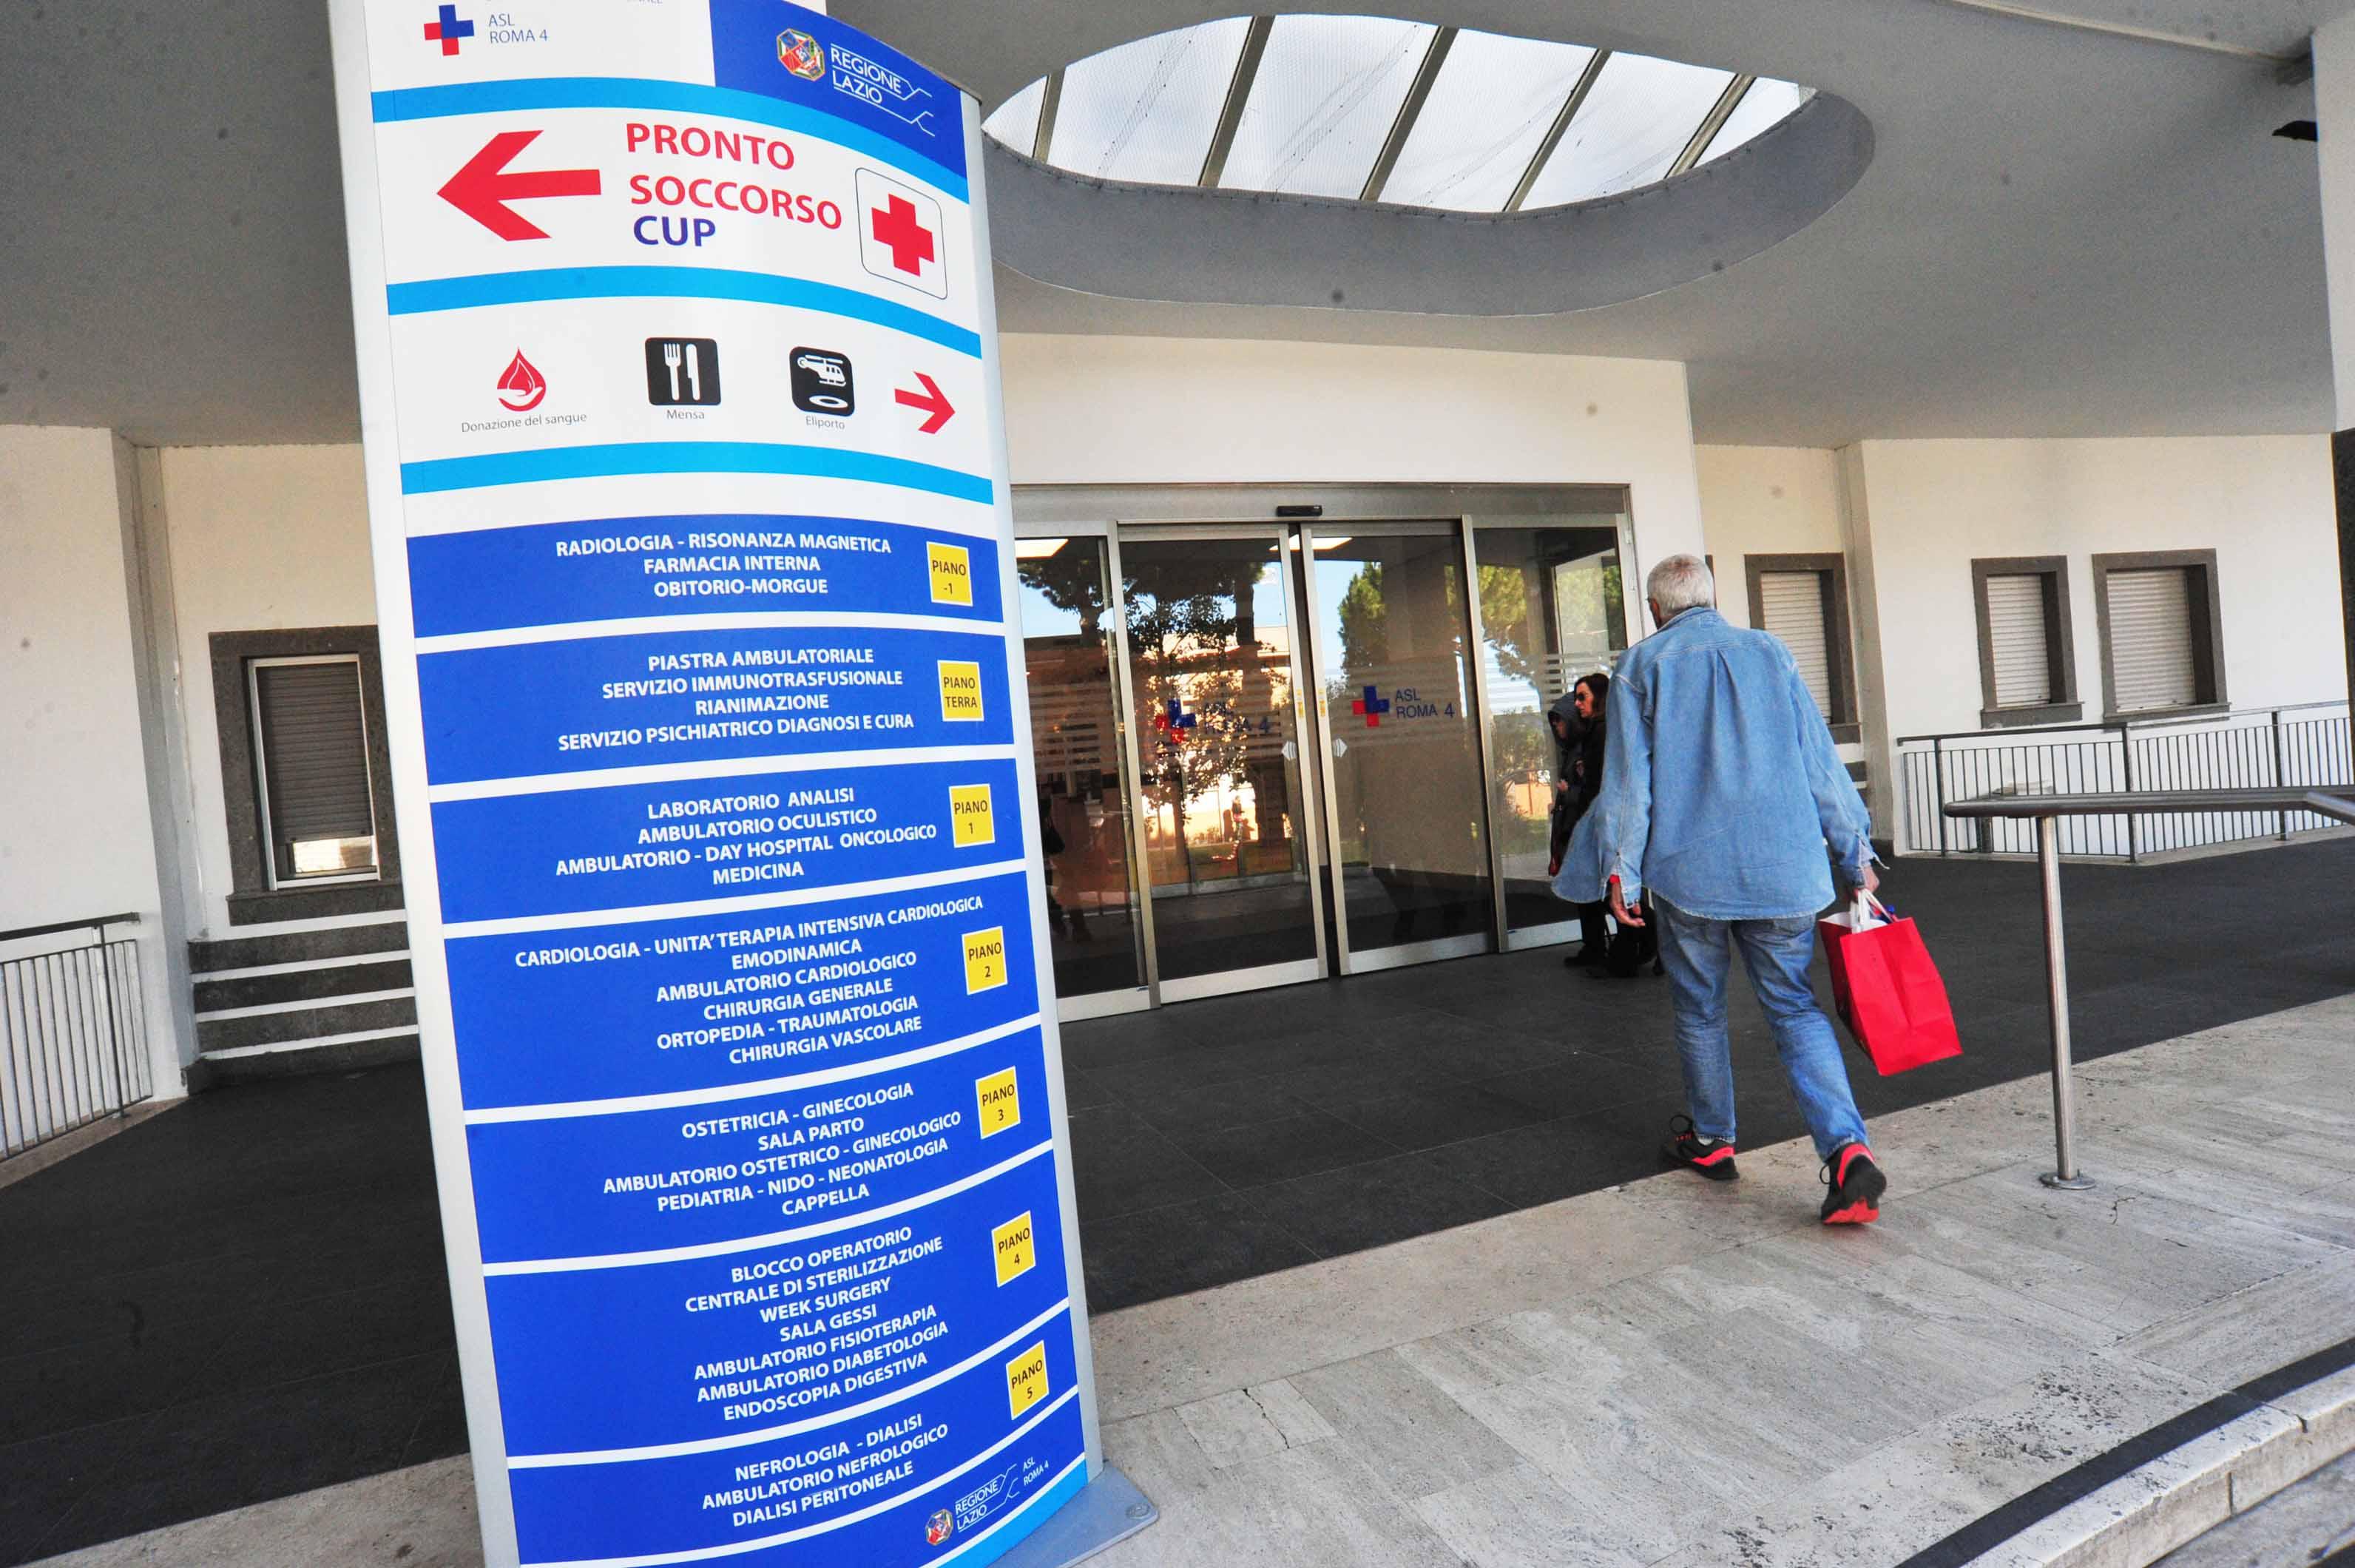 Ospedale San Paolo, il reparto covid sale a 30 posti letto